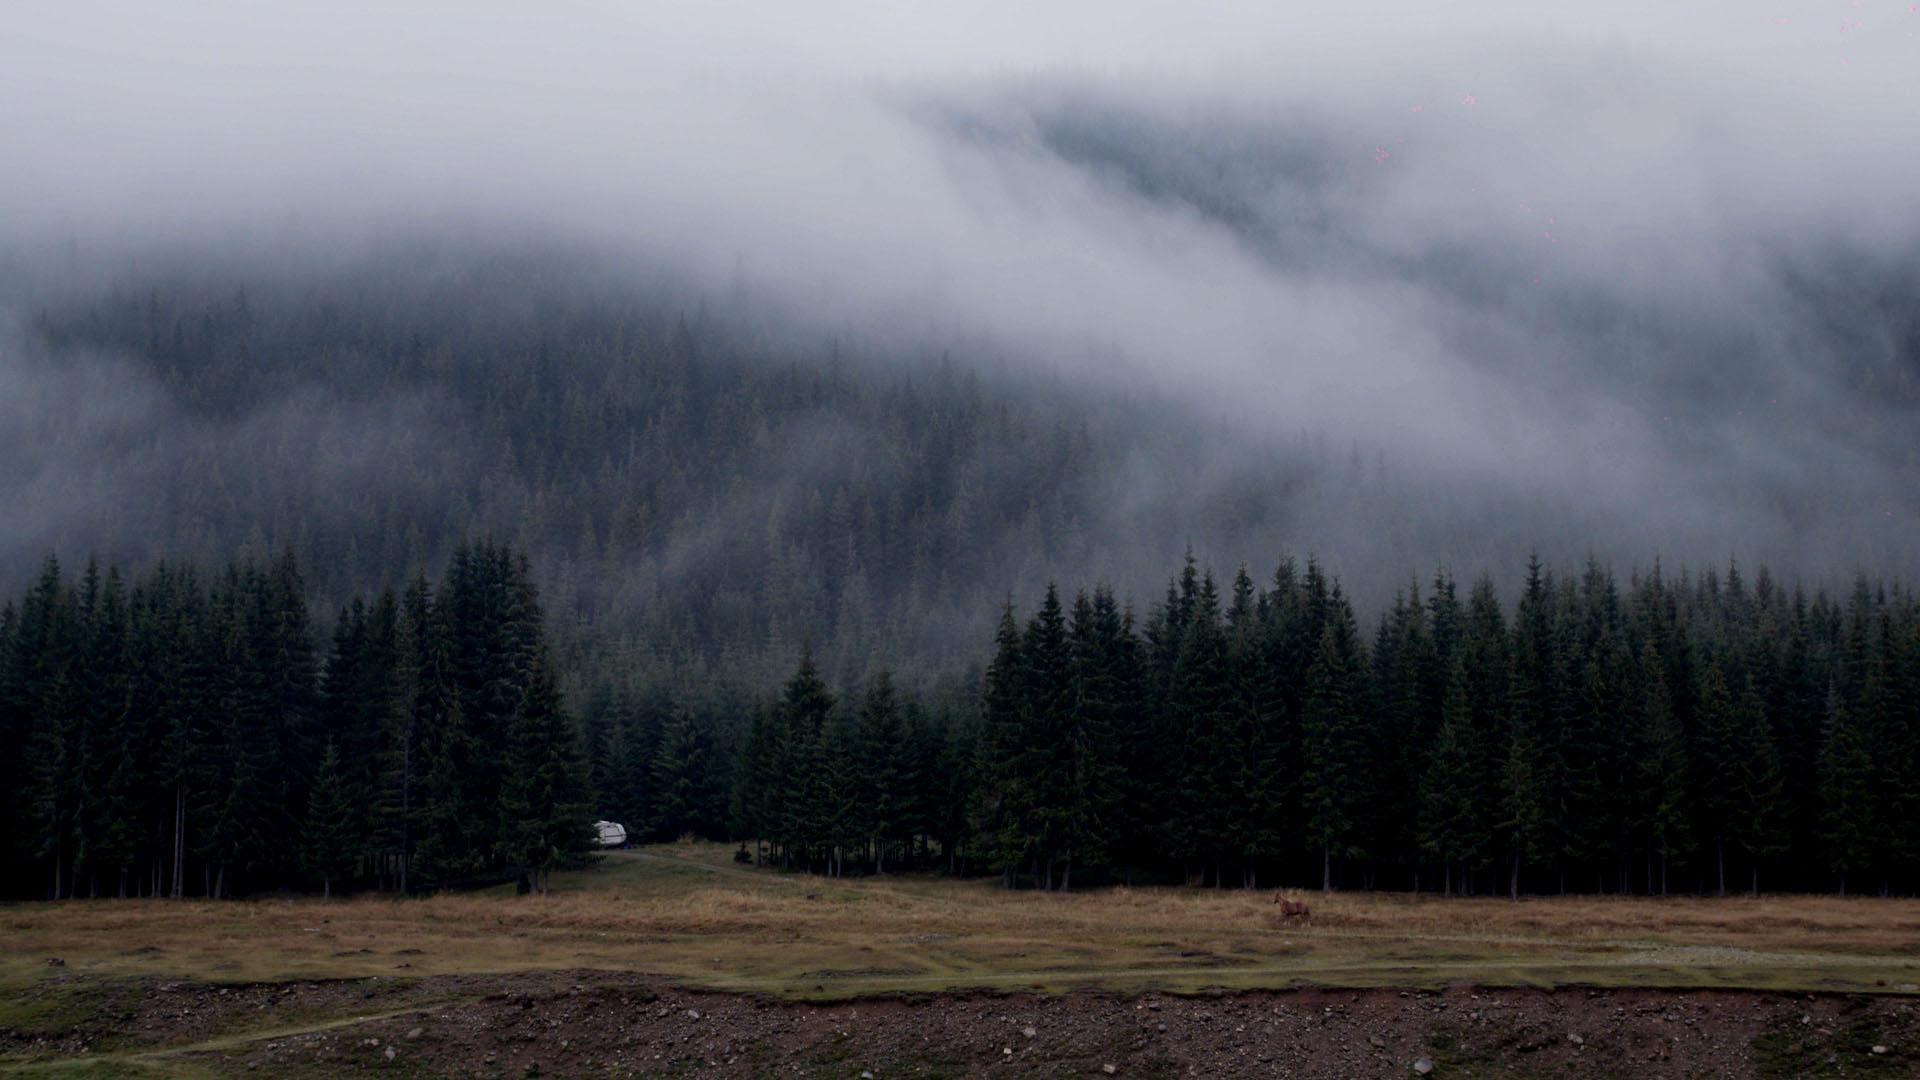 Pferd totale nebel